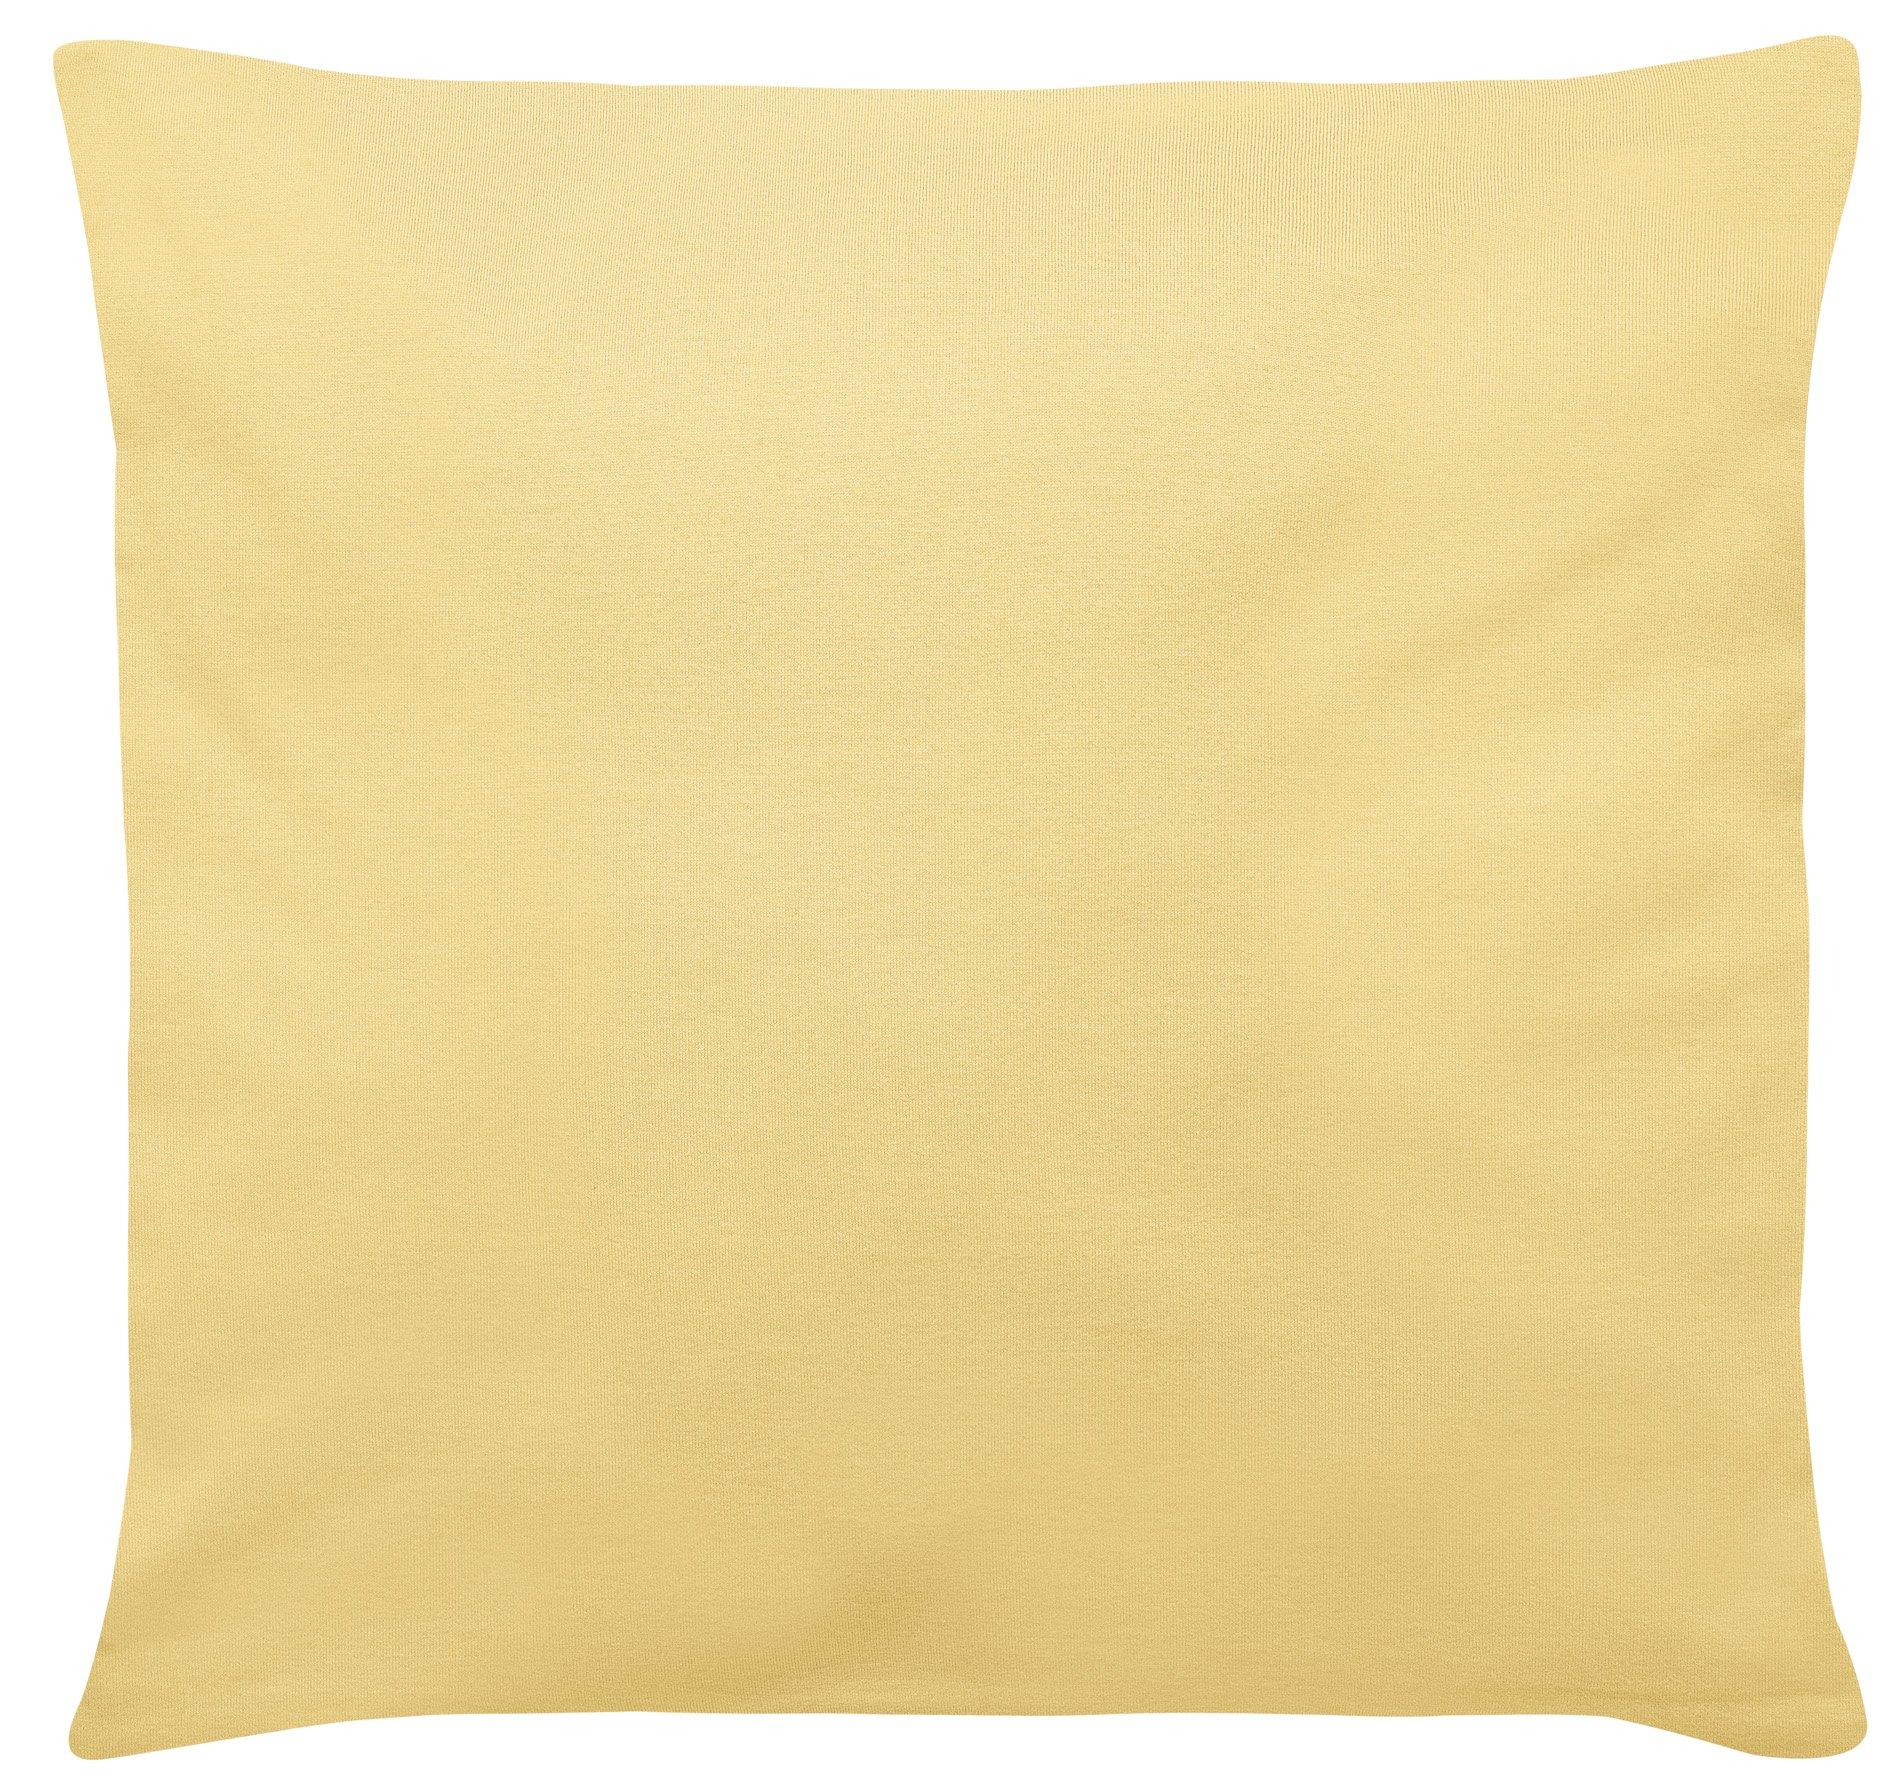 K.-Bezug gelb 40x40cm